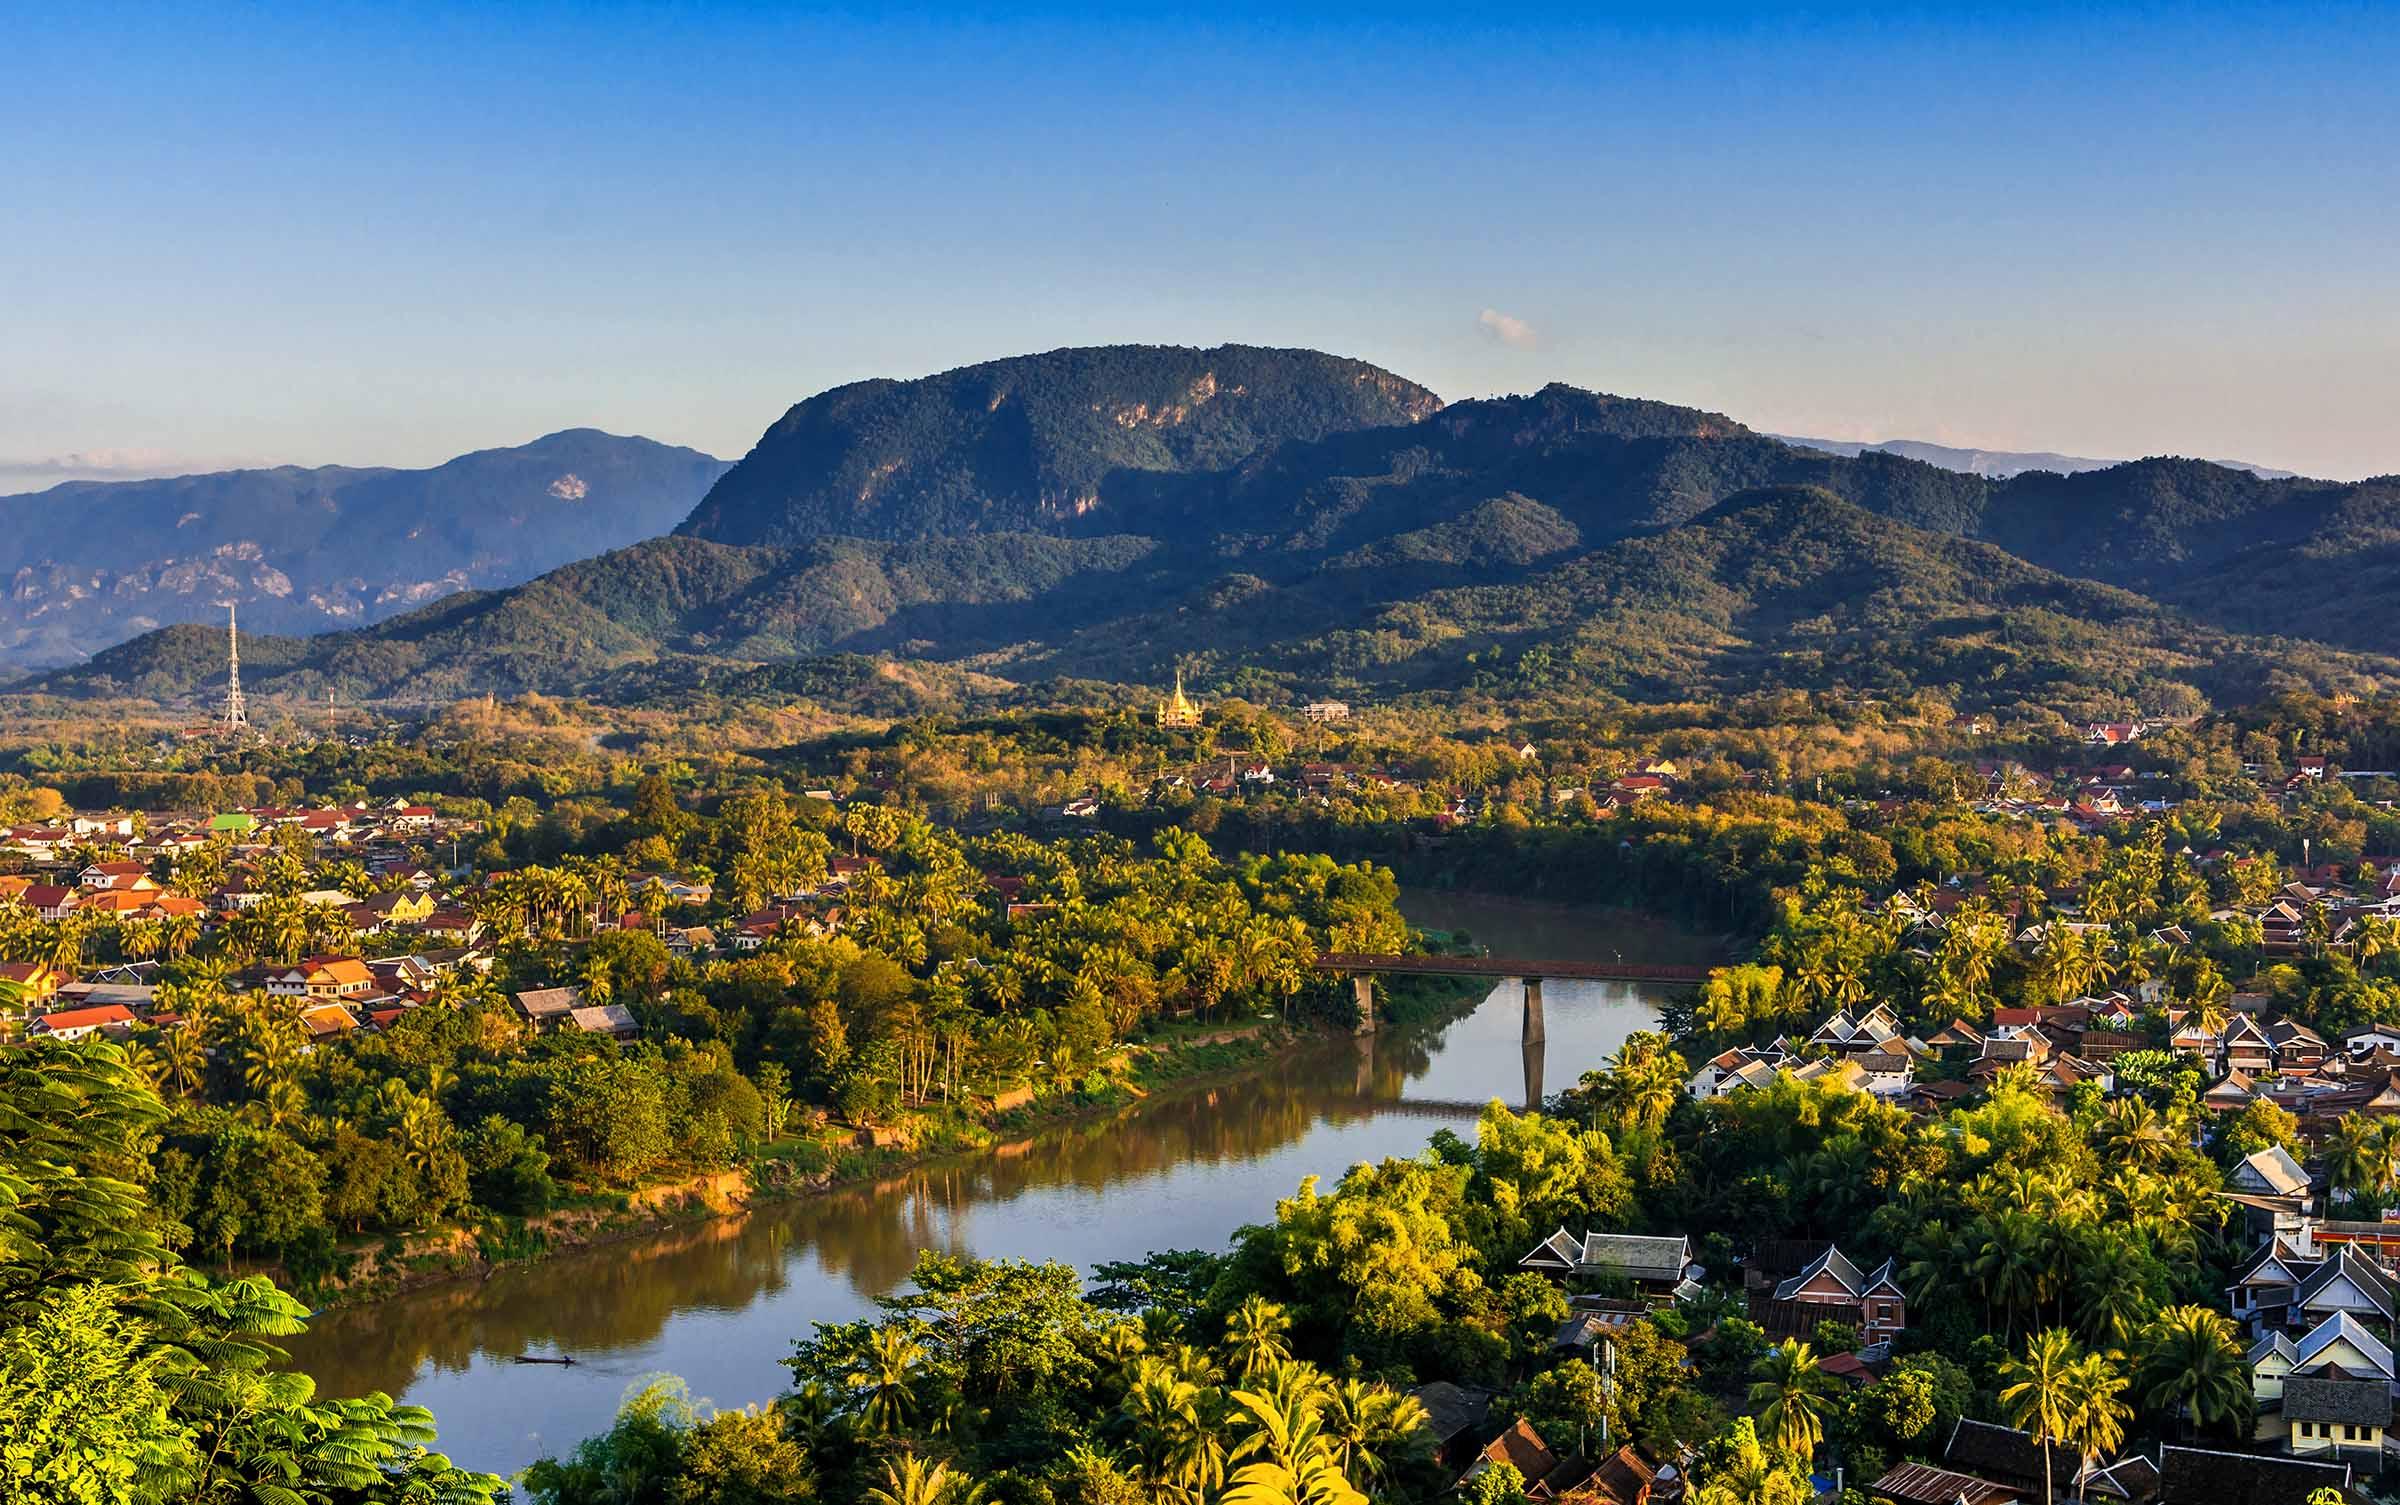 Blick vom Hausberg auf den Mekong